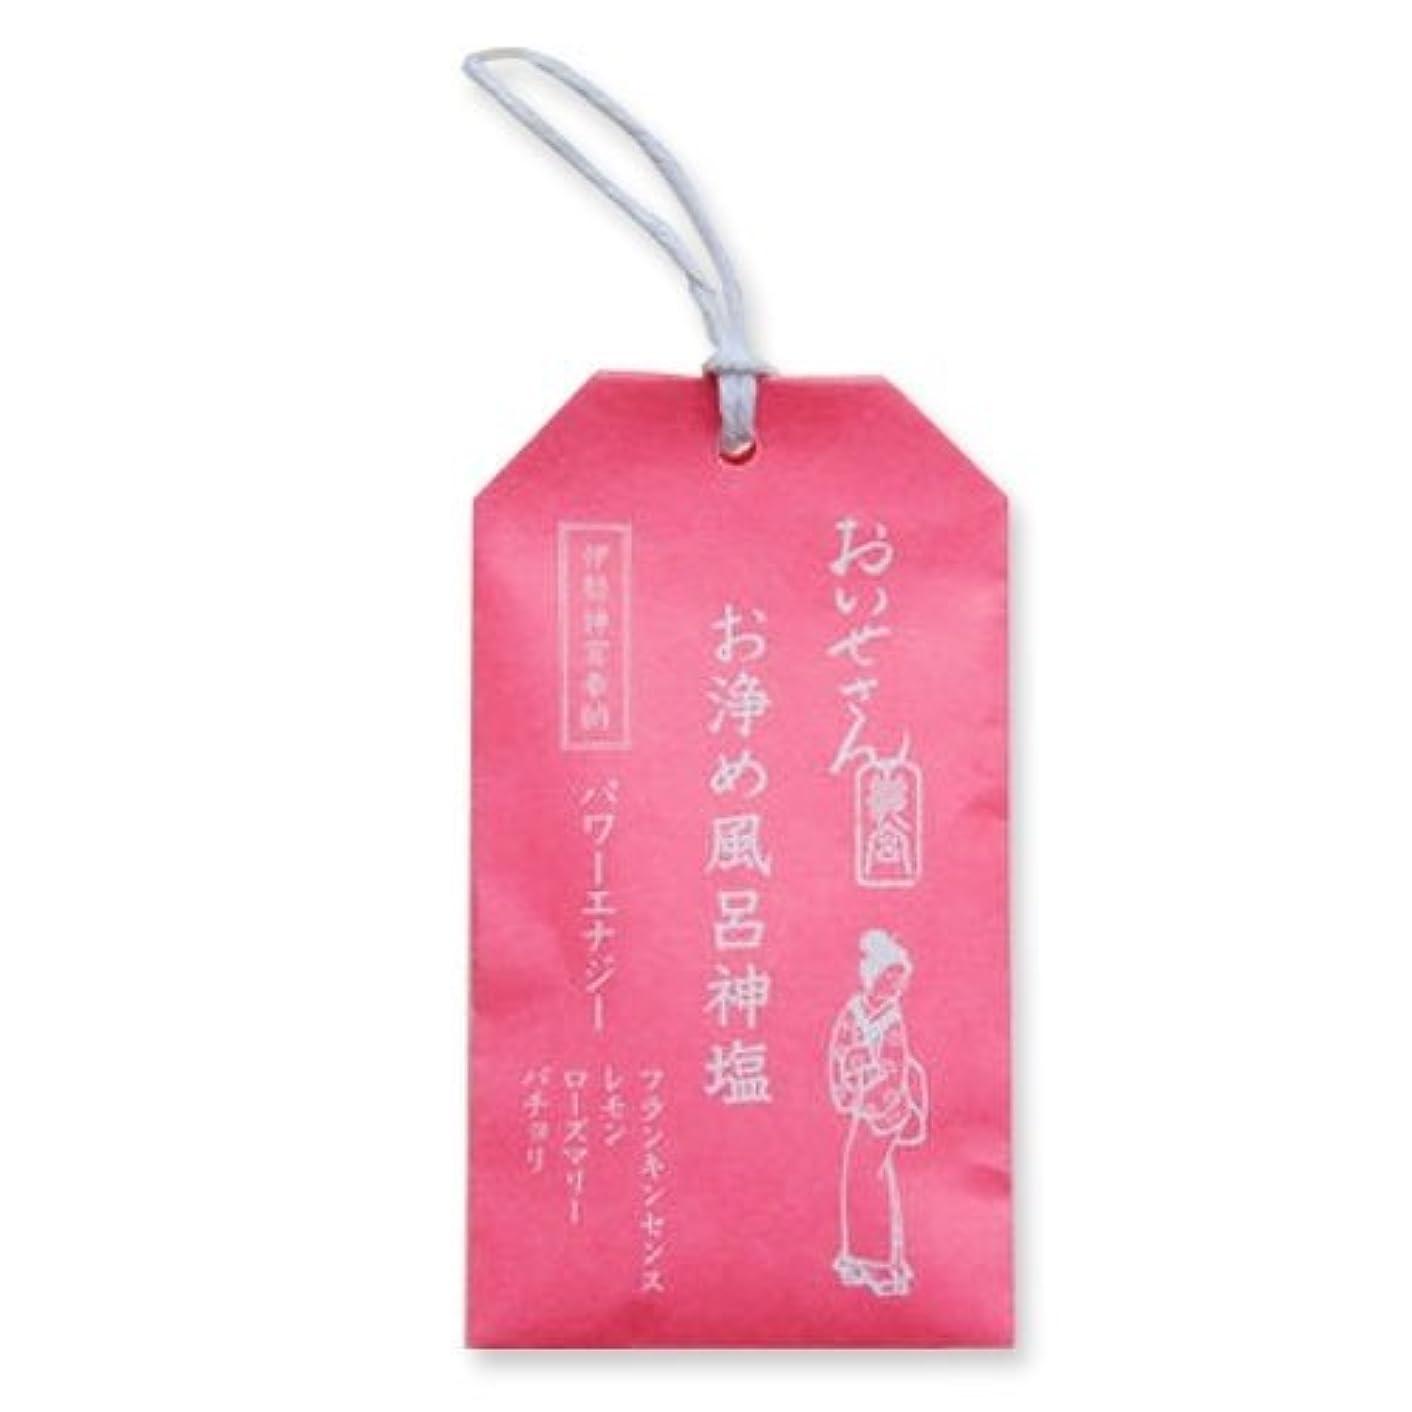 自慢所属踊り子おいせさん お浄め風呂神塩 バス用ソルト(パワーエナジー) 20g